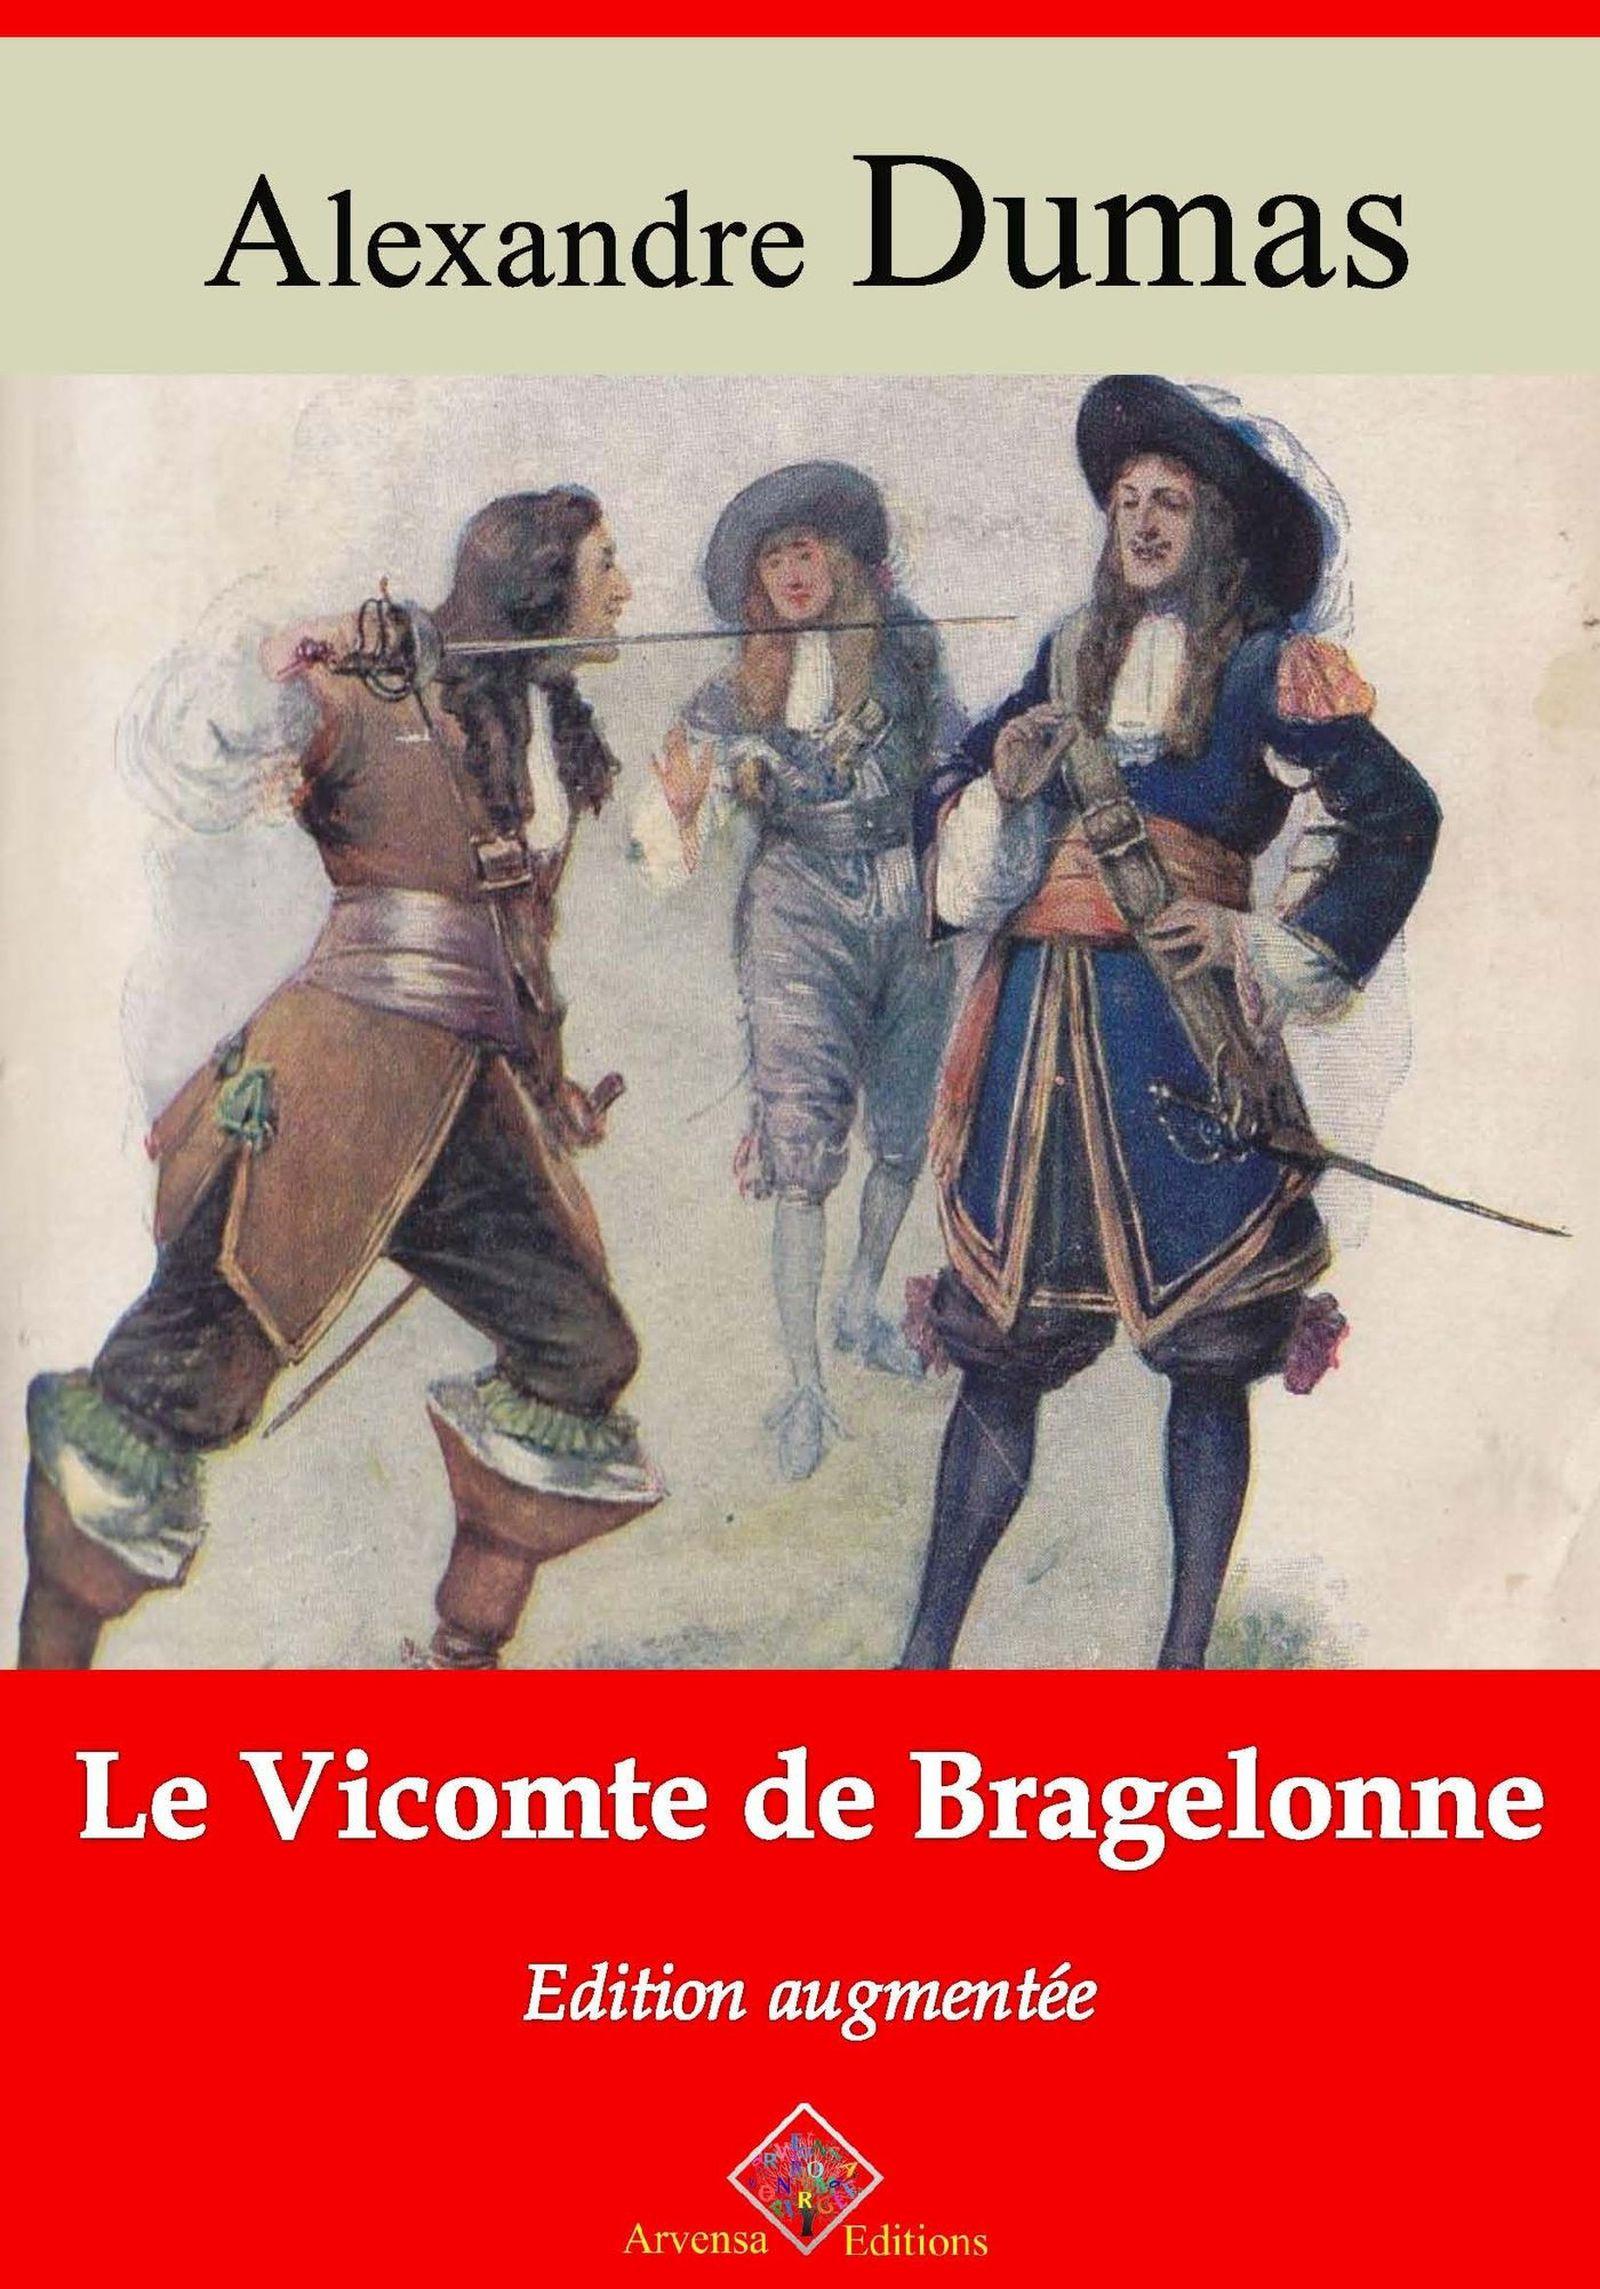 Le Vicomte de Bragelonne - suivi d'annexes